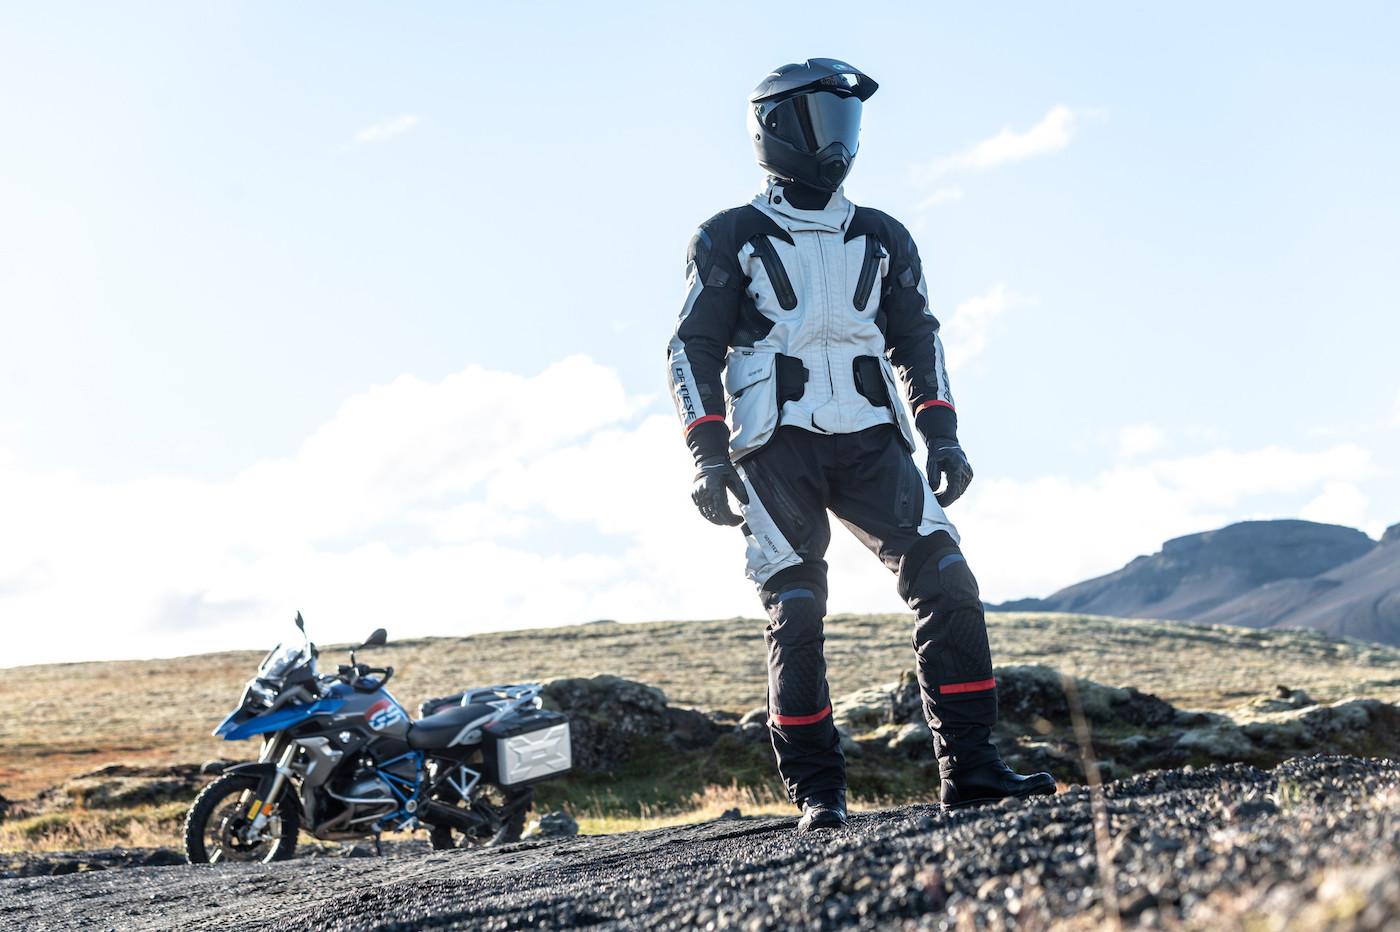 Dainese Antartica GTX motorkleding